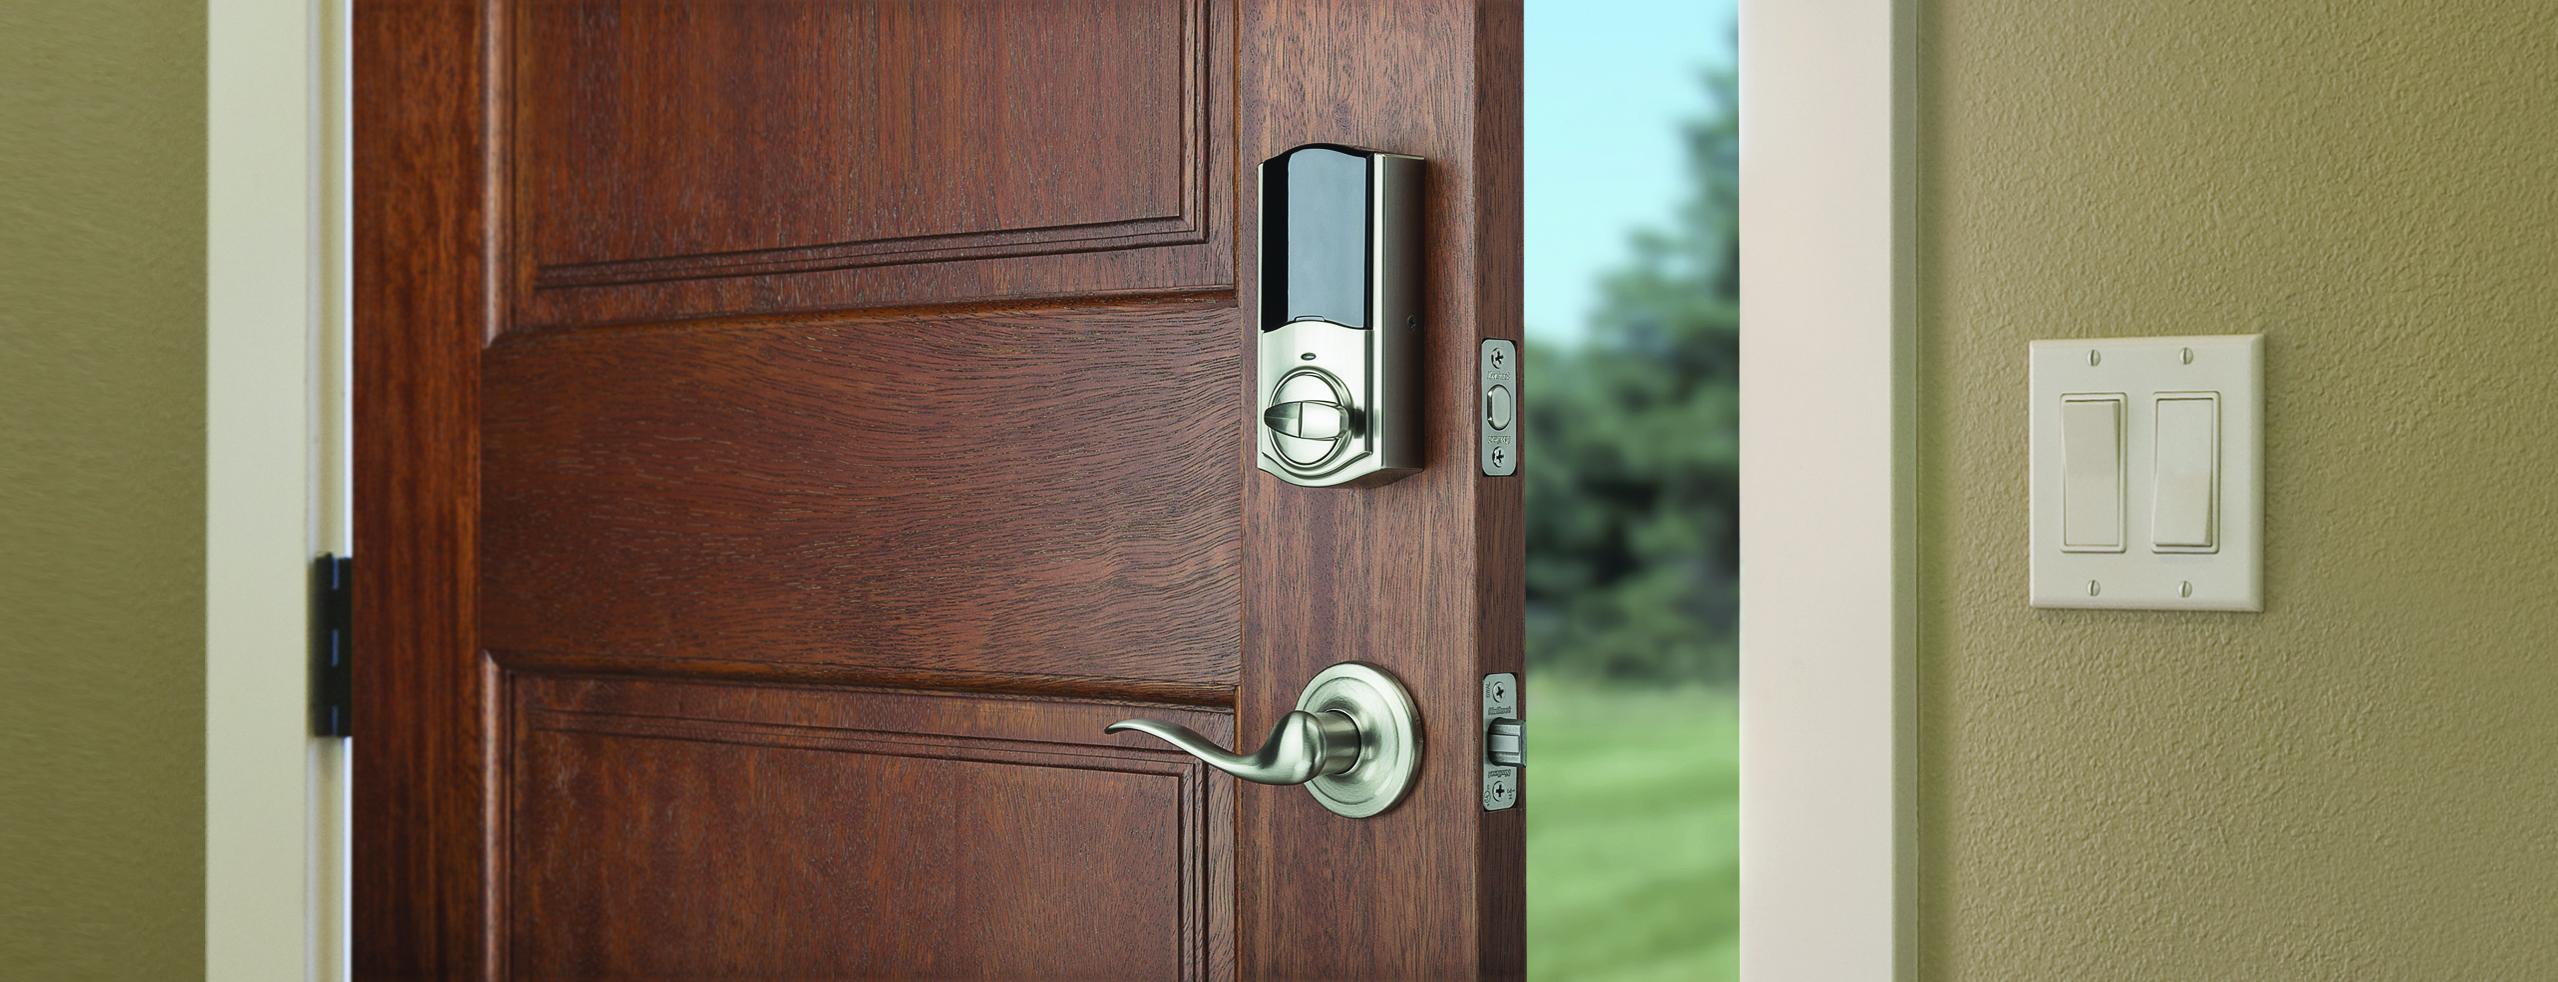 handleset boggling kwikset org l entry doors door handle handballtunisie lock mind front smartkey